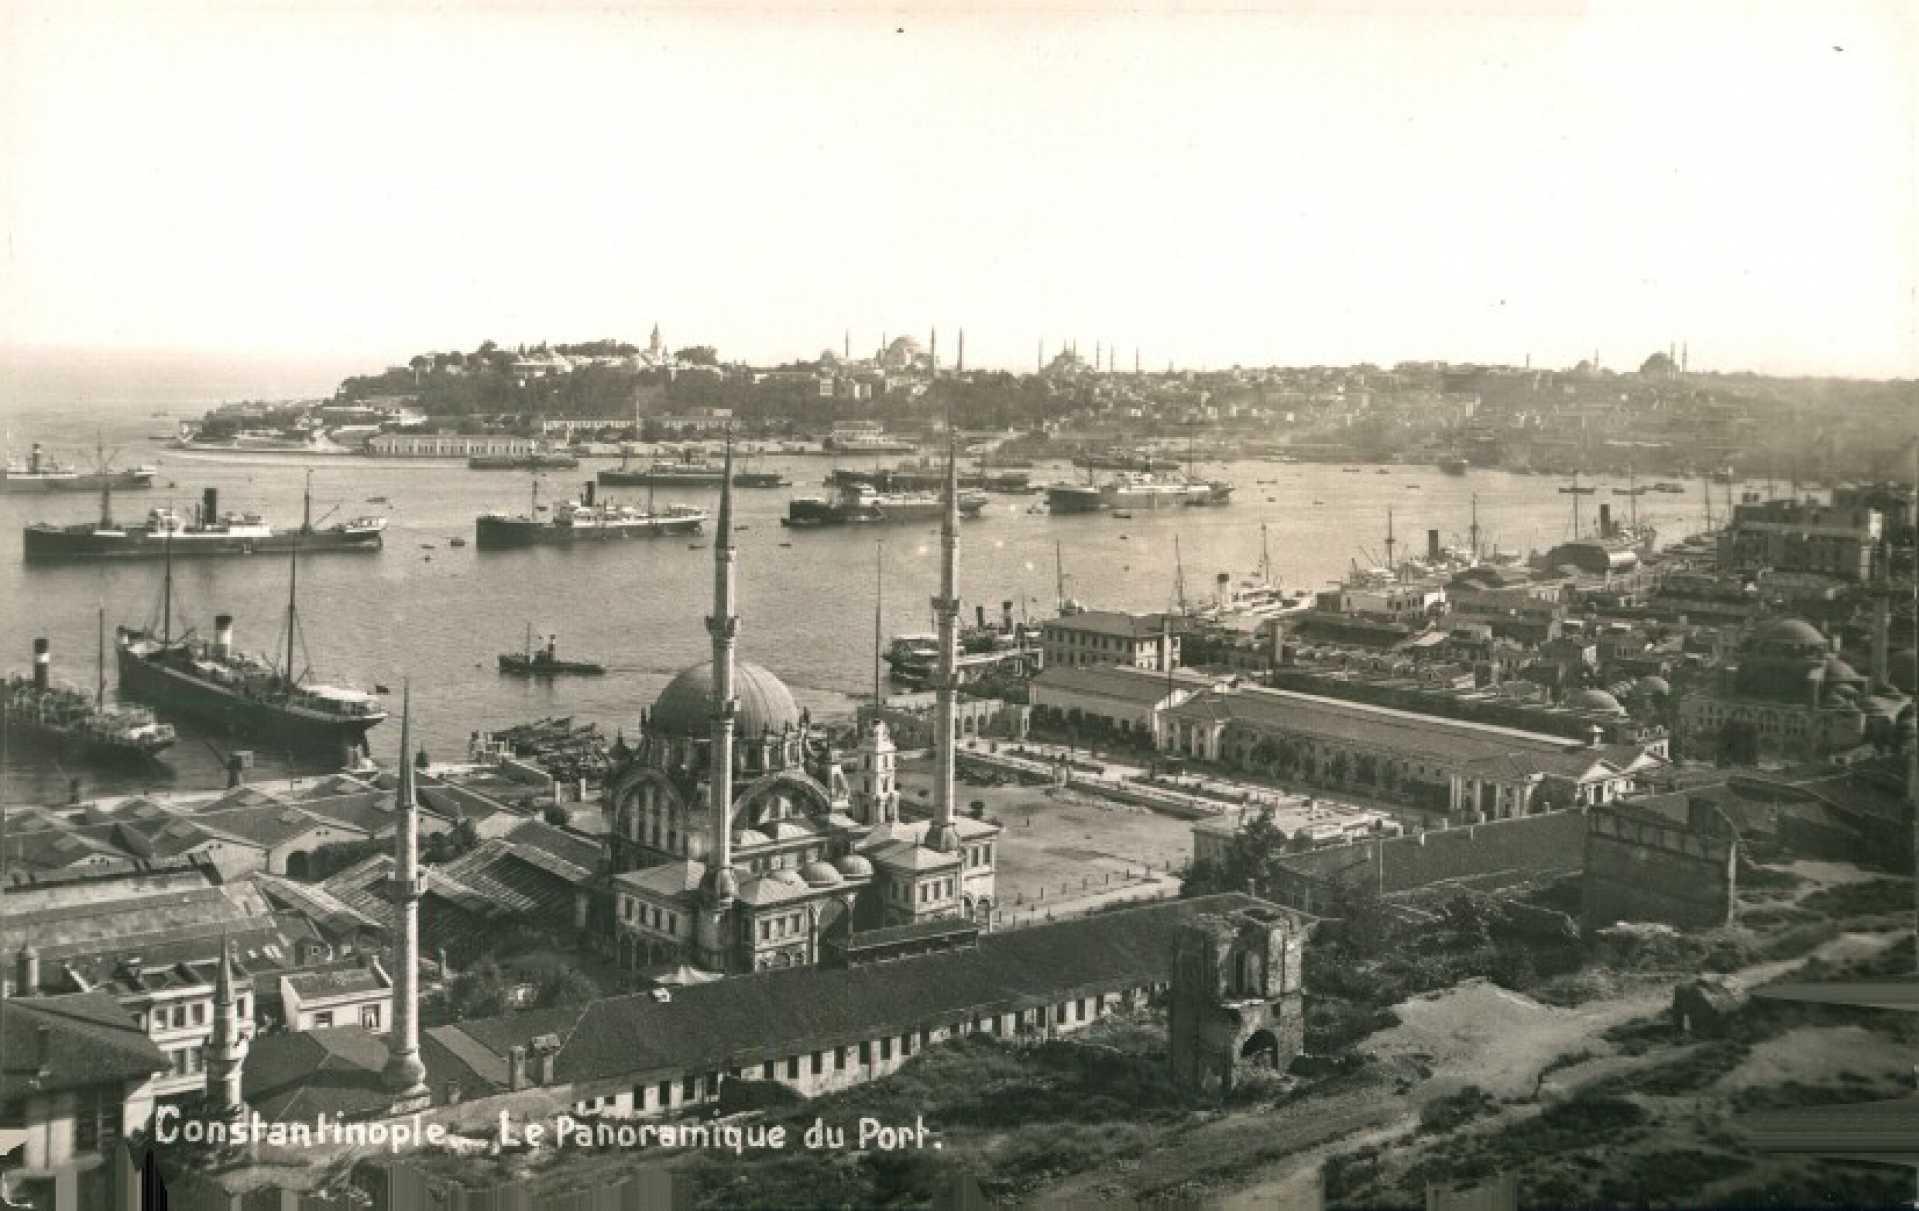 Constantinople. Le Panoramique de Port